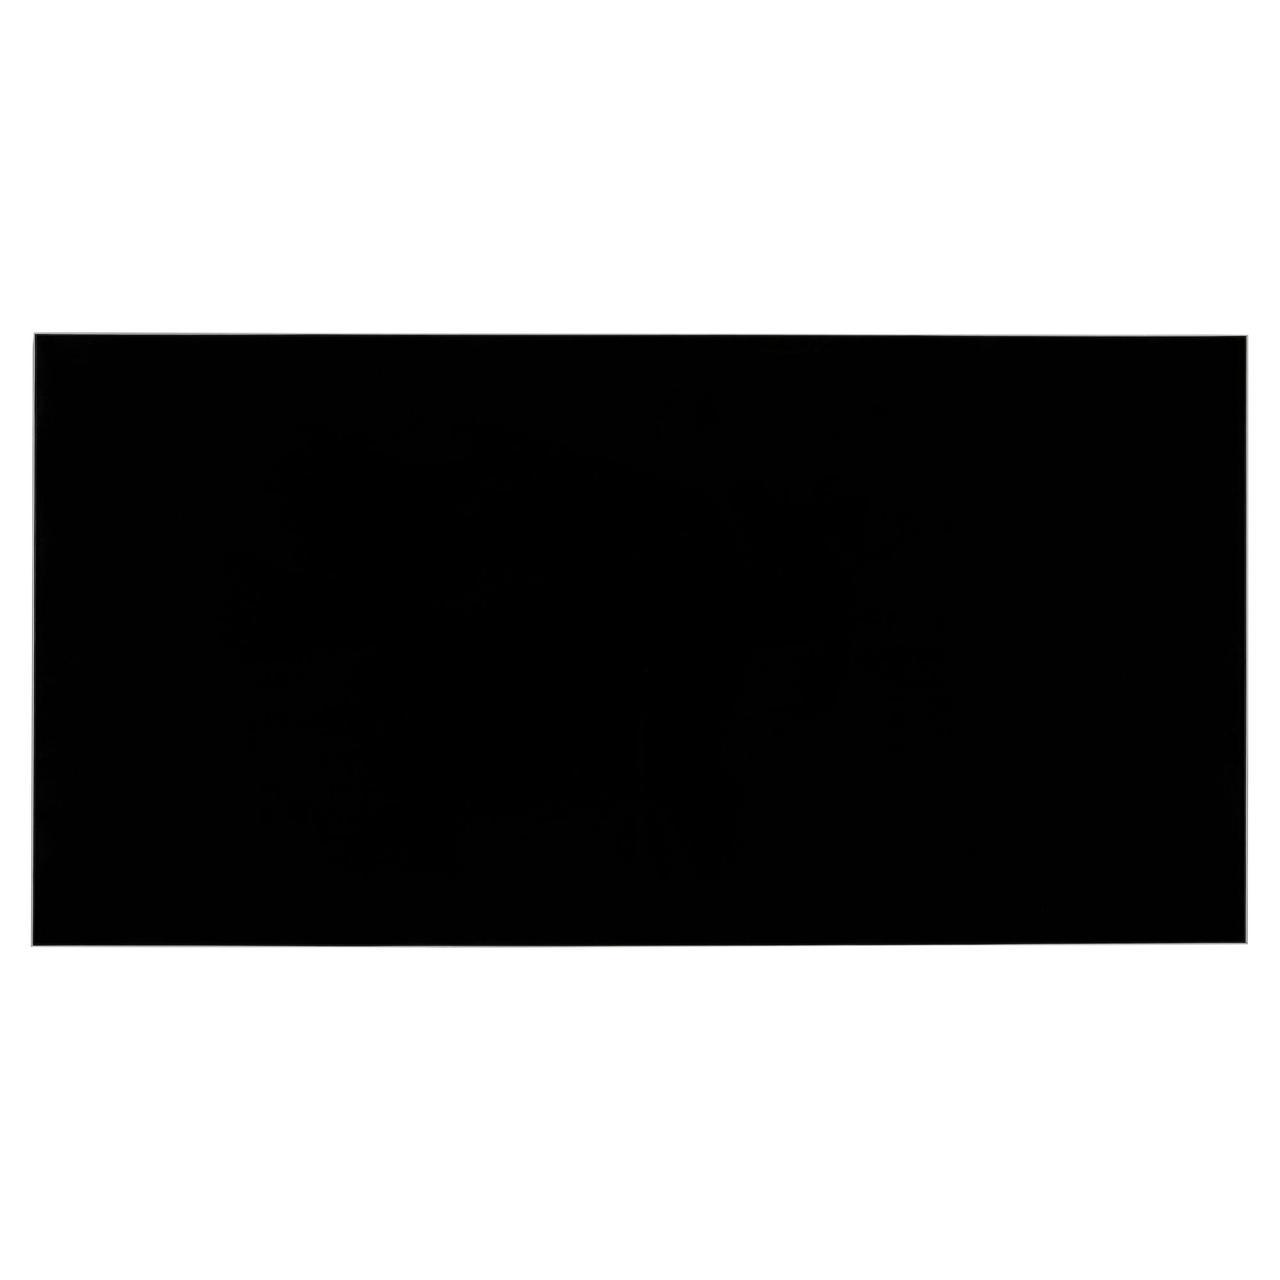 Скляний інфрачервоний обігрівач SUN WAY SWG-1000 RA black (з терморегулятором, чорний)